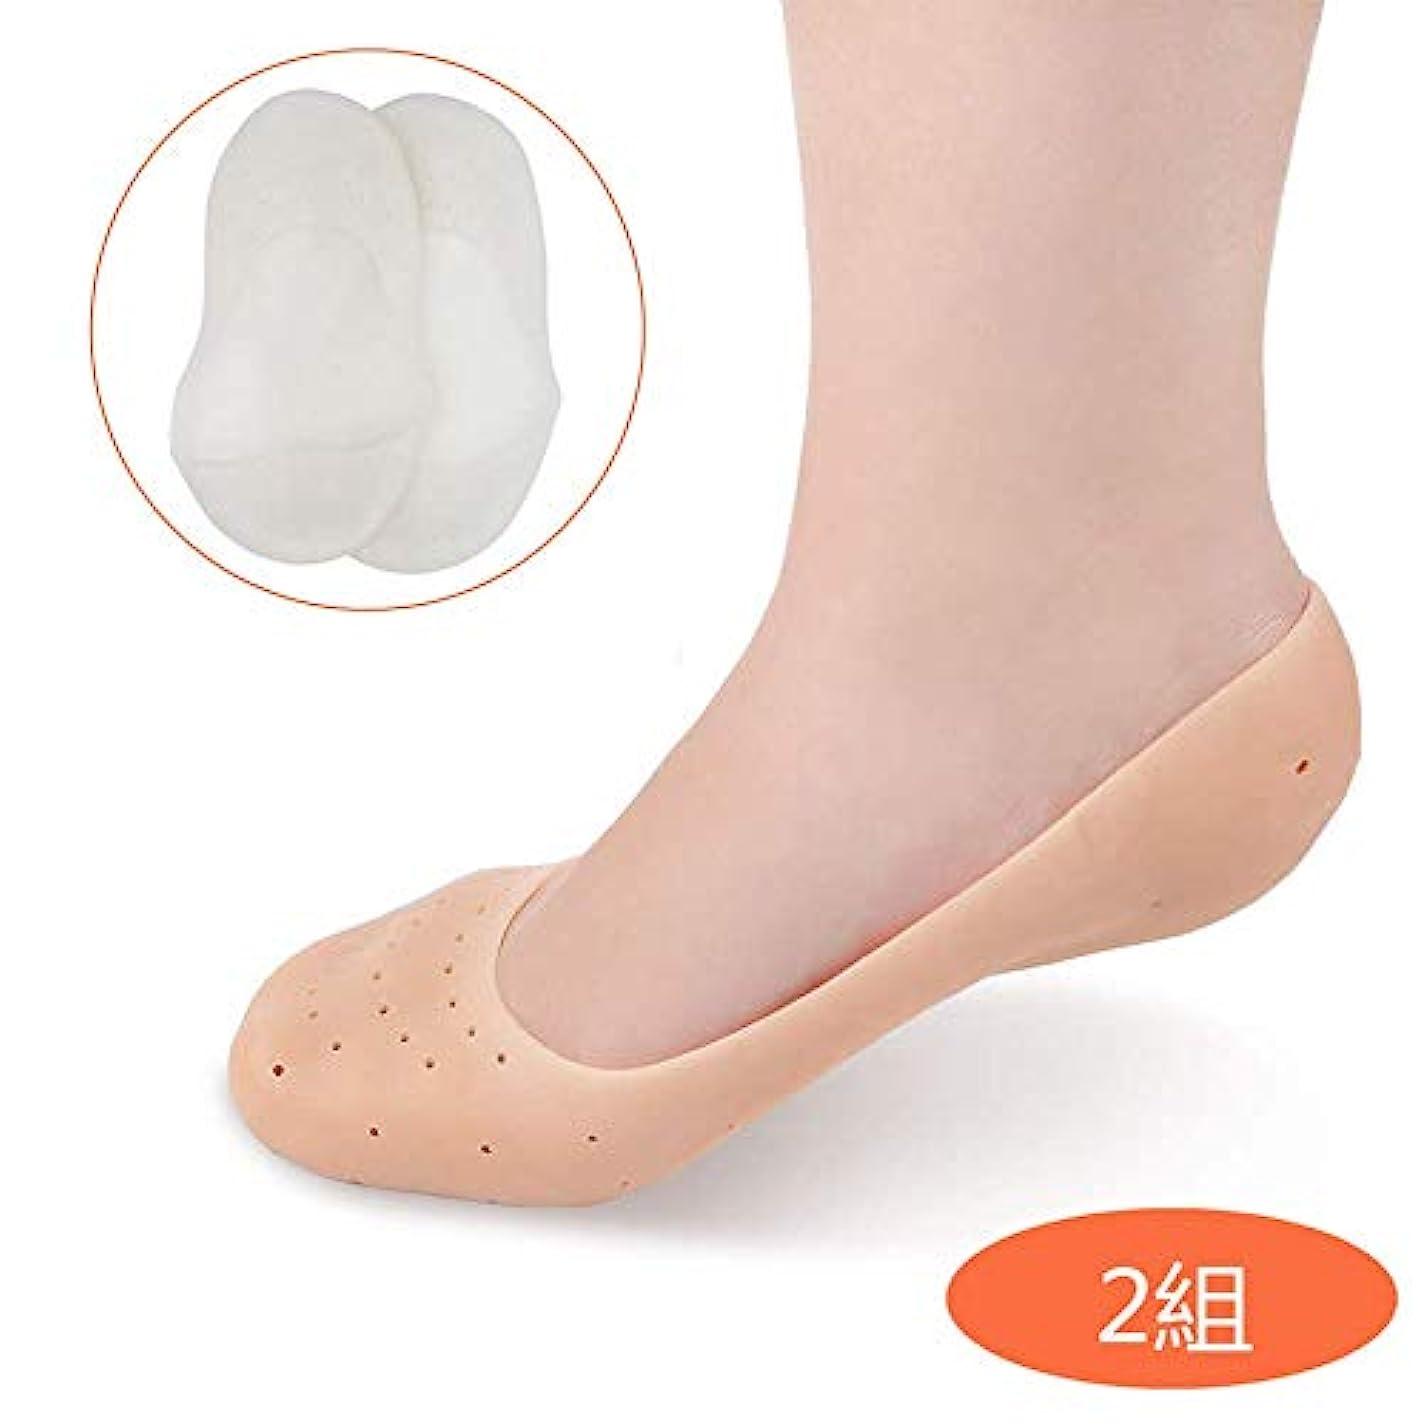 家具毛皮うぬぼれシリコンソックス 靴下 かかとケア ヒールクラック防止 足ケア 保湿 角質ケア 皮膚保護 痛みの緩和 快適 通気性 男女兼用 (2組)